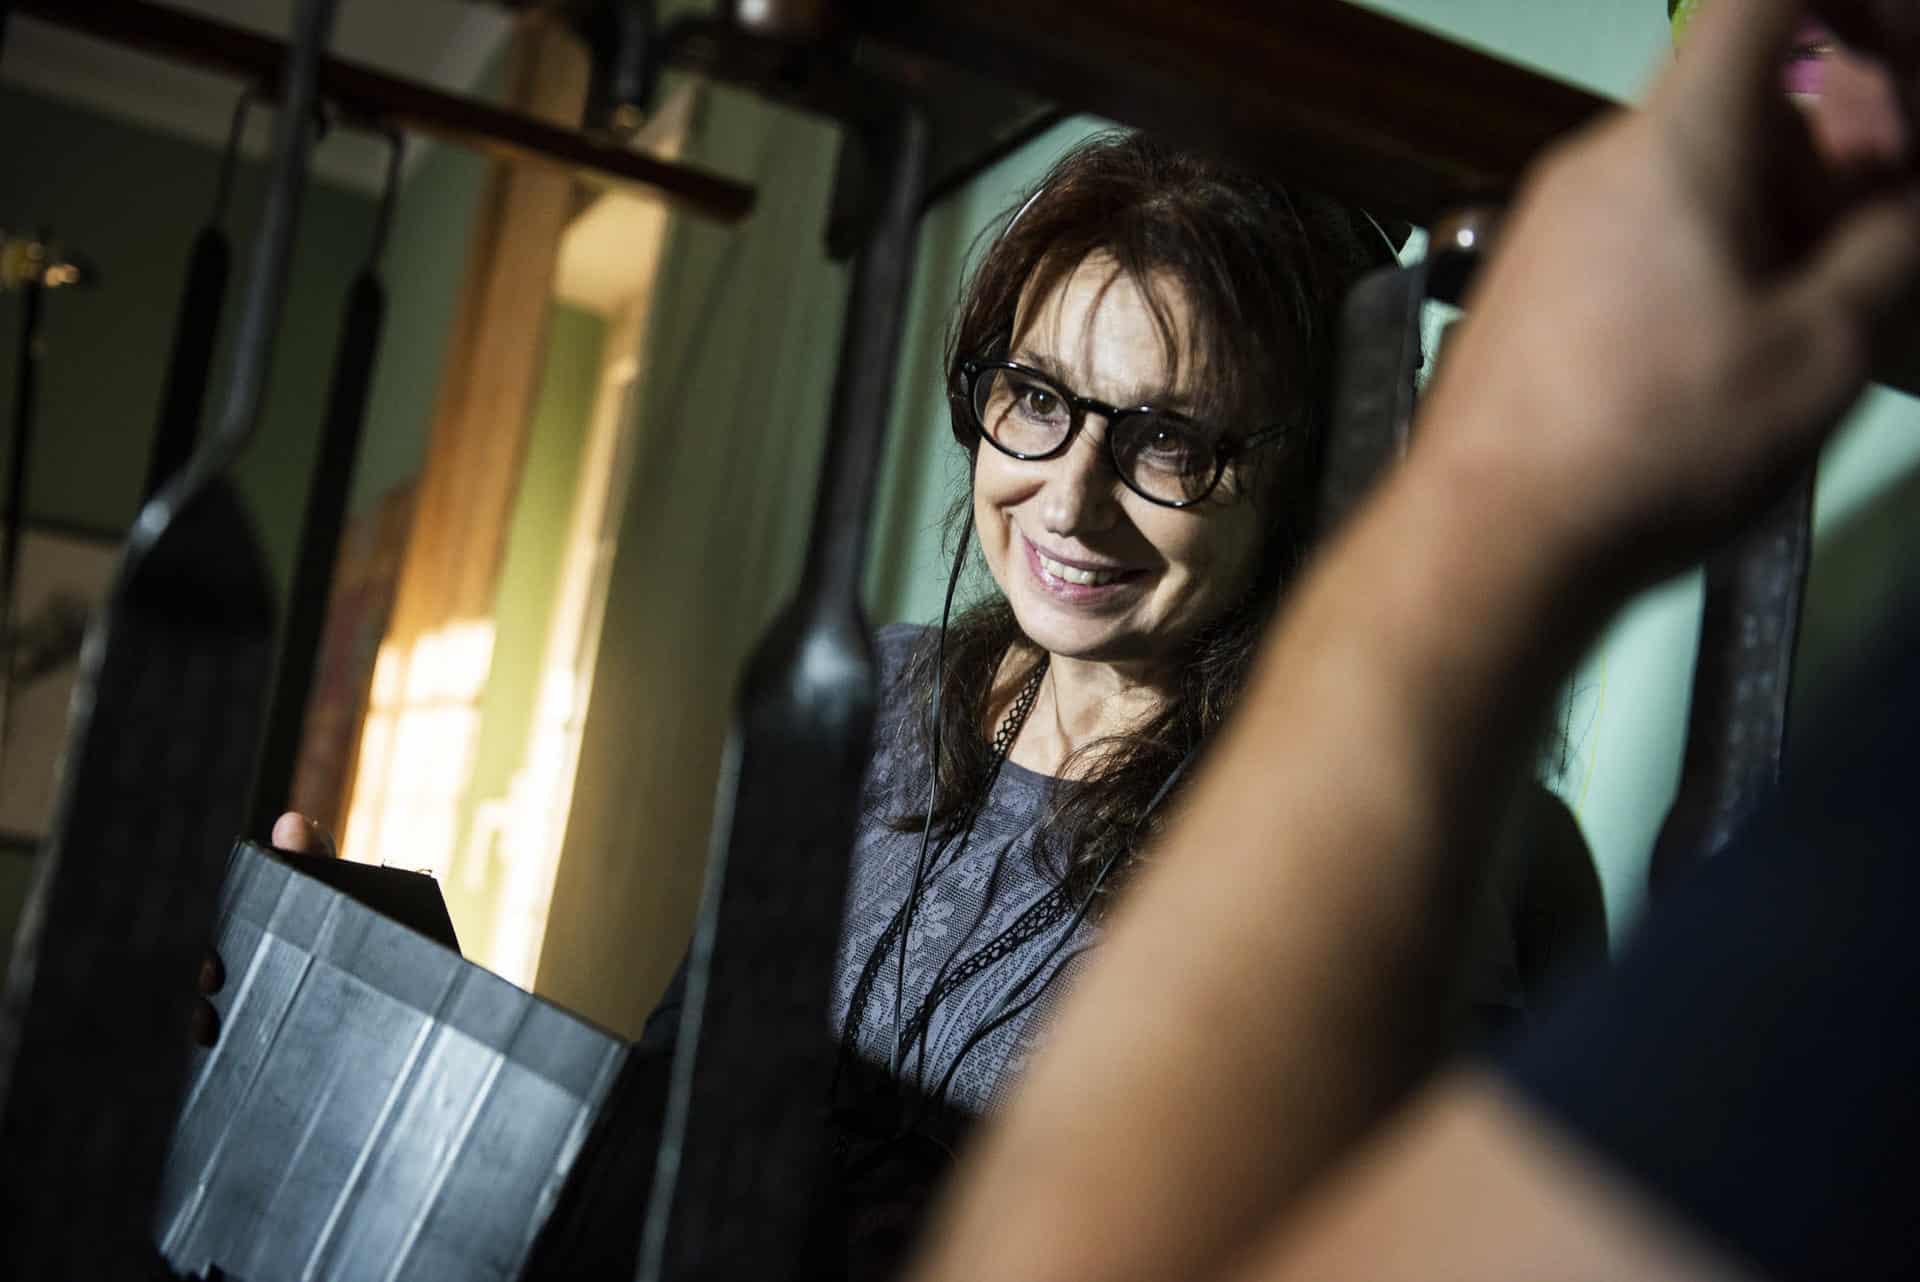 Il colibrì diventa un film per la regia di Francesca Archibugi: svelato il cast